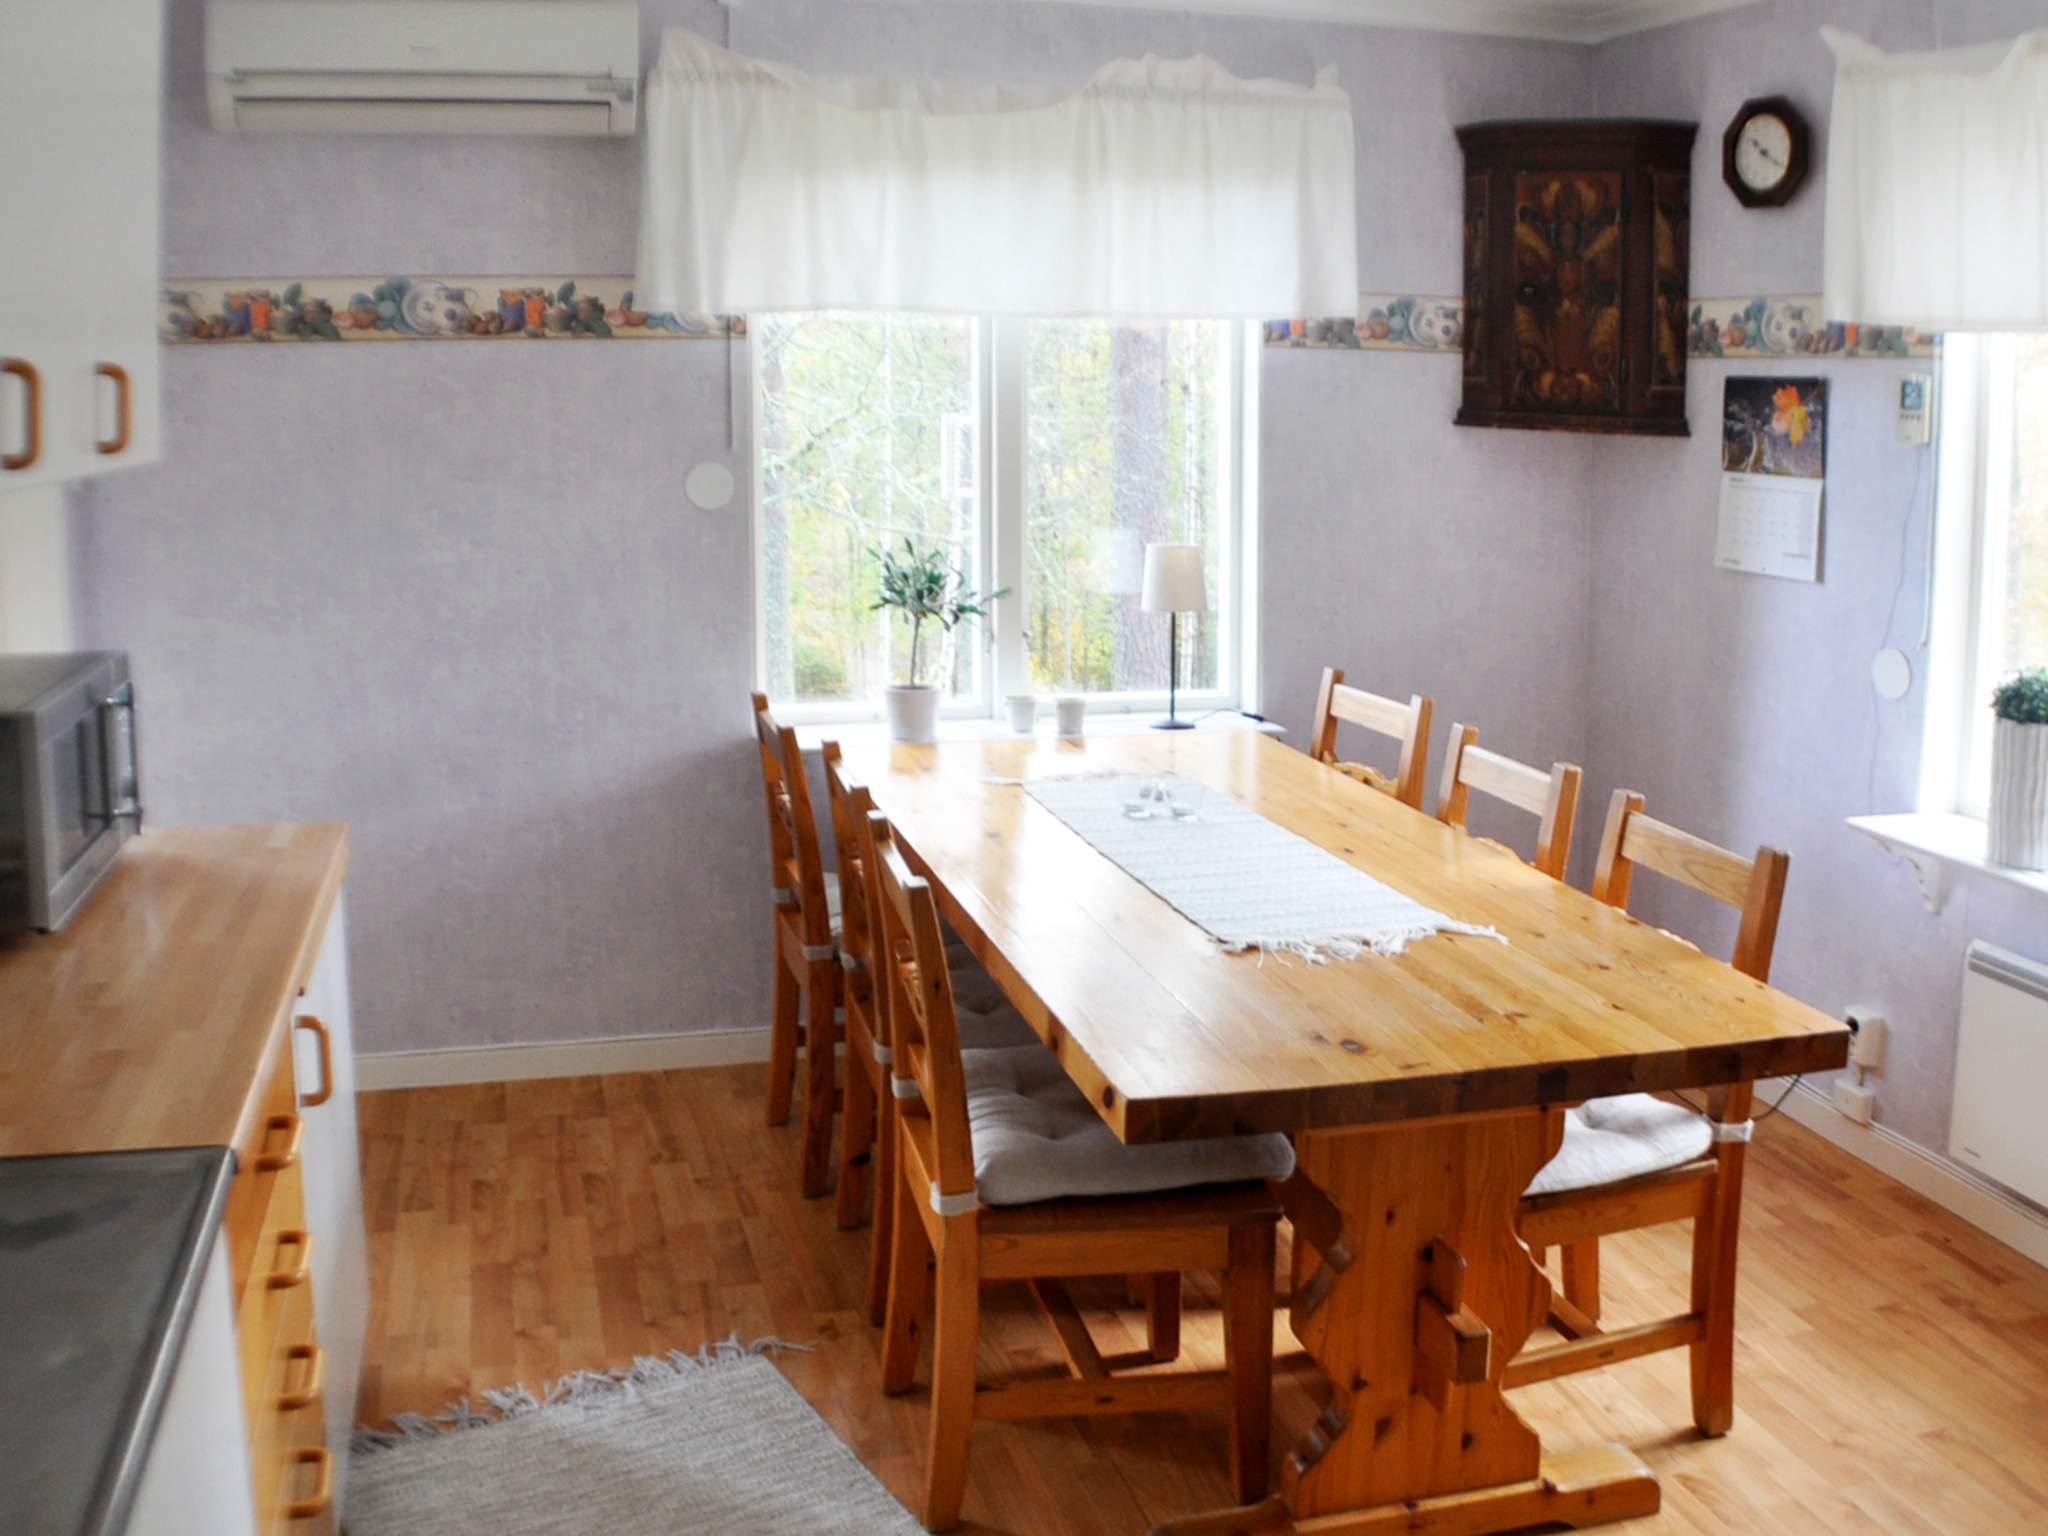 Ferienhaus Arvika (689475), Arvika, Värmlands län, Mittelschweden, Schweden, Bild 4